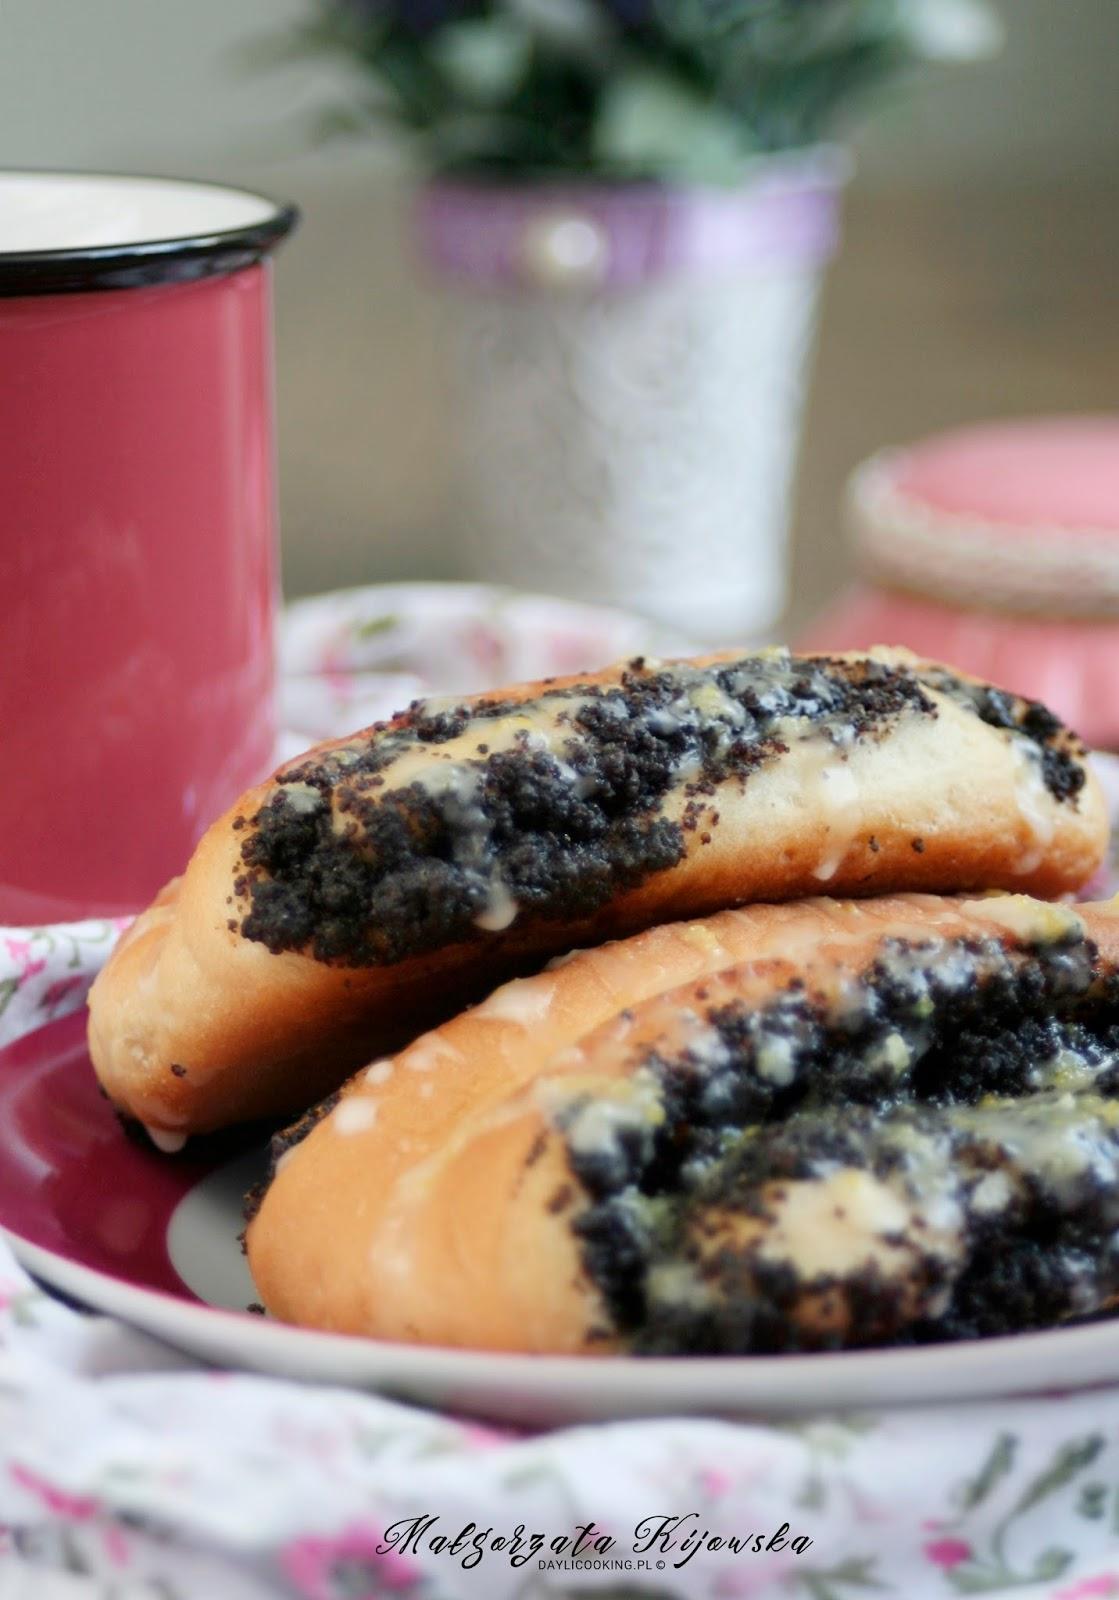 drożdżowe wypieki, cytrynowy lukier ze skórką cytrynową, ciasto drożdżowe, daylicooking, Małgorzata Kijowska